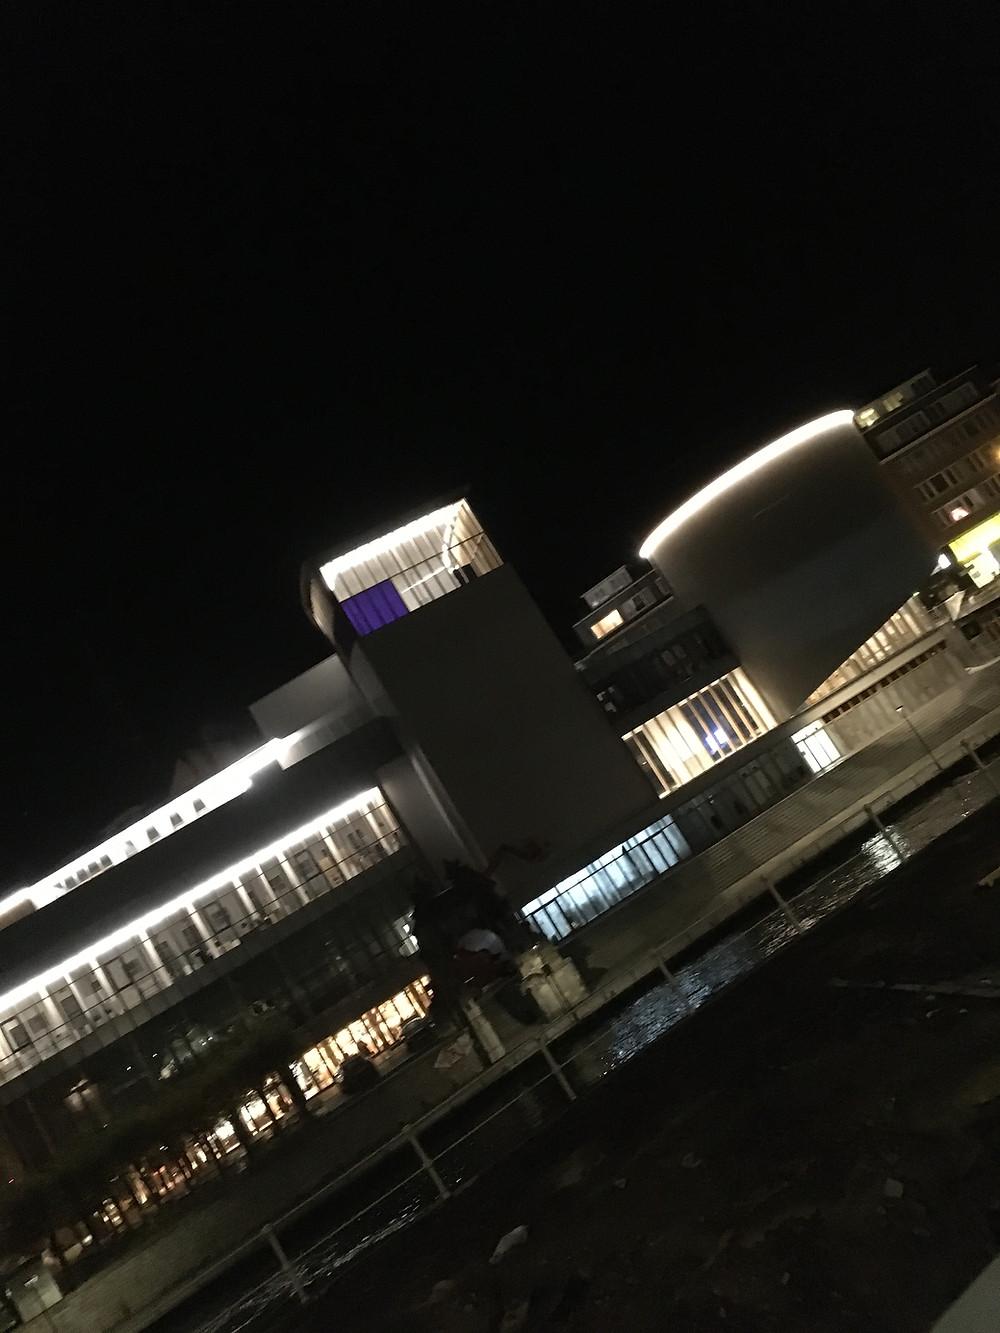 Vue nocturne du Delta - Maison de la Culture de Namur